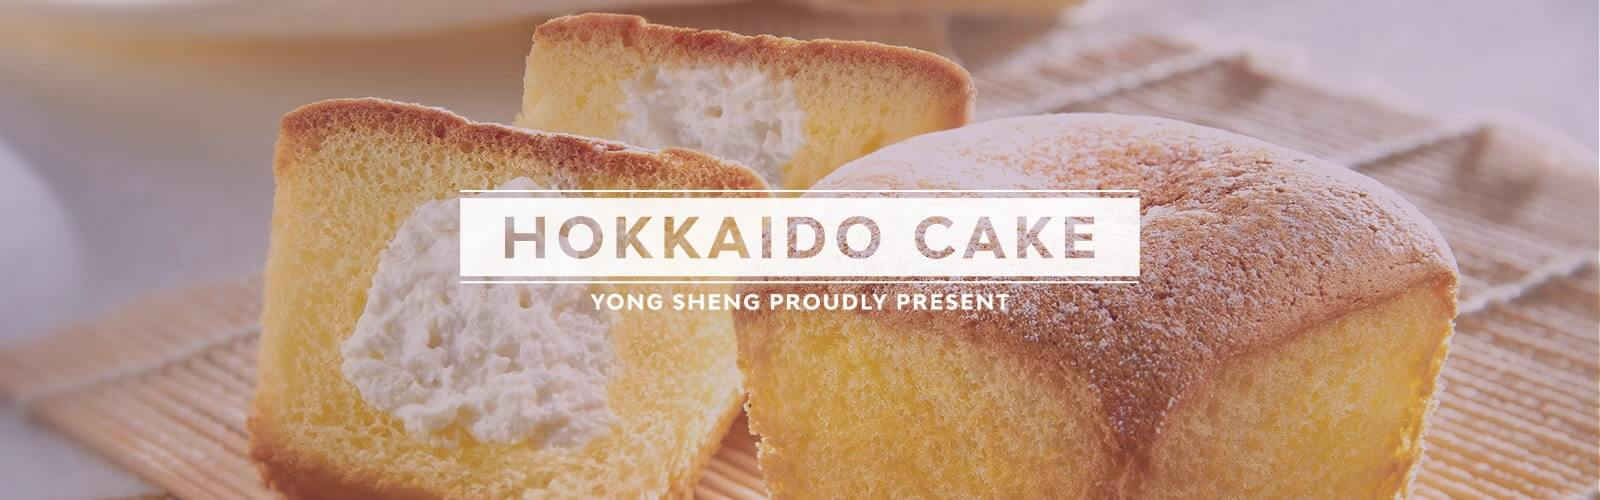 Hokkaido Cake